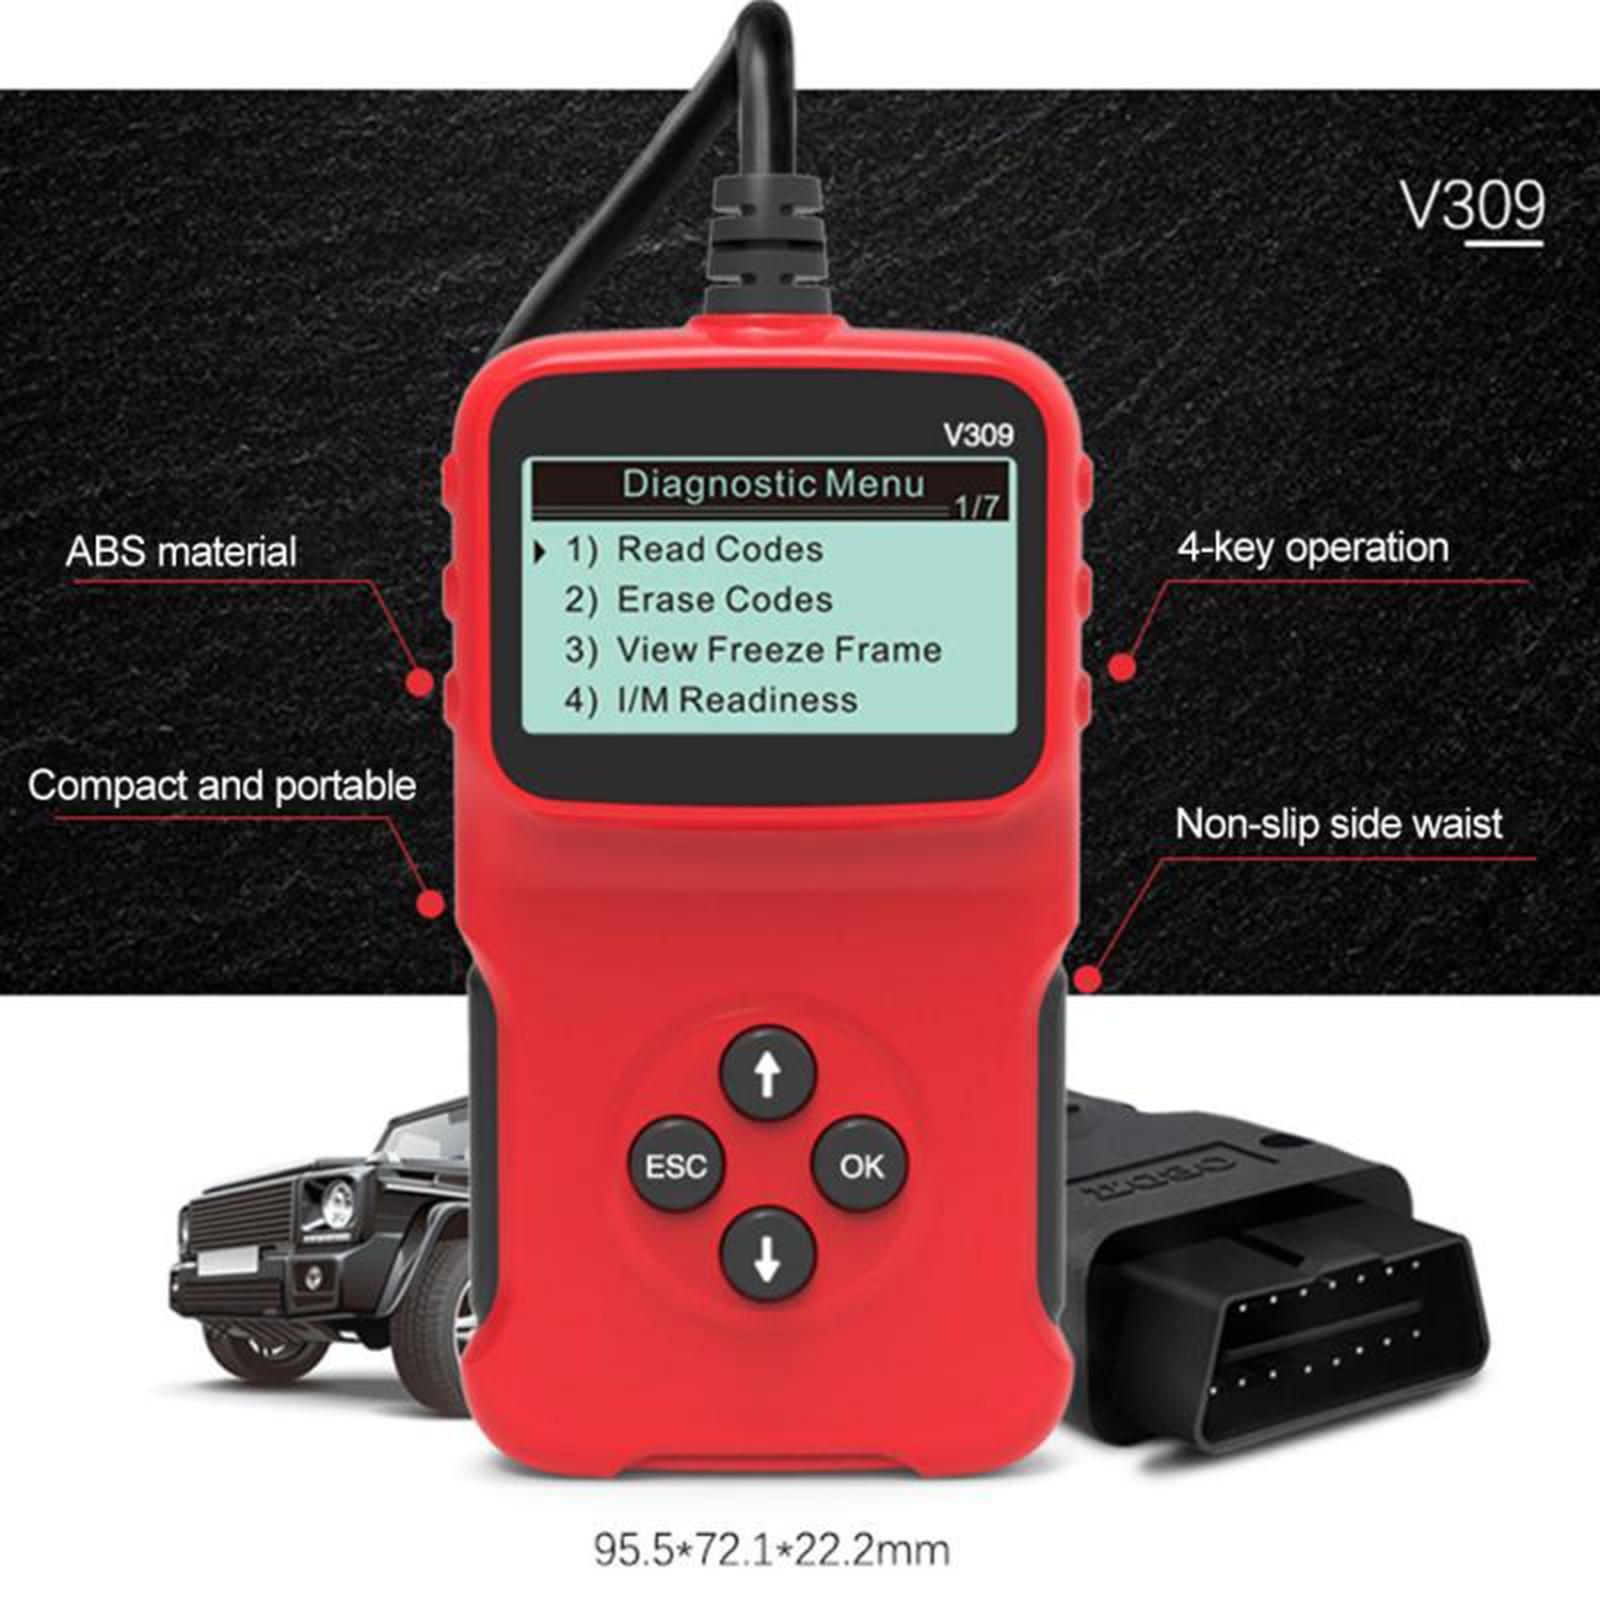 Автомобильный диагностический инструмент V309 OBD 2 OBDII, сканер интерфейса, считыватель кодов OBD, диагностический инструмент для проверки неисп...